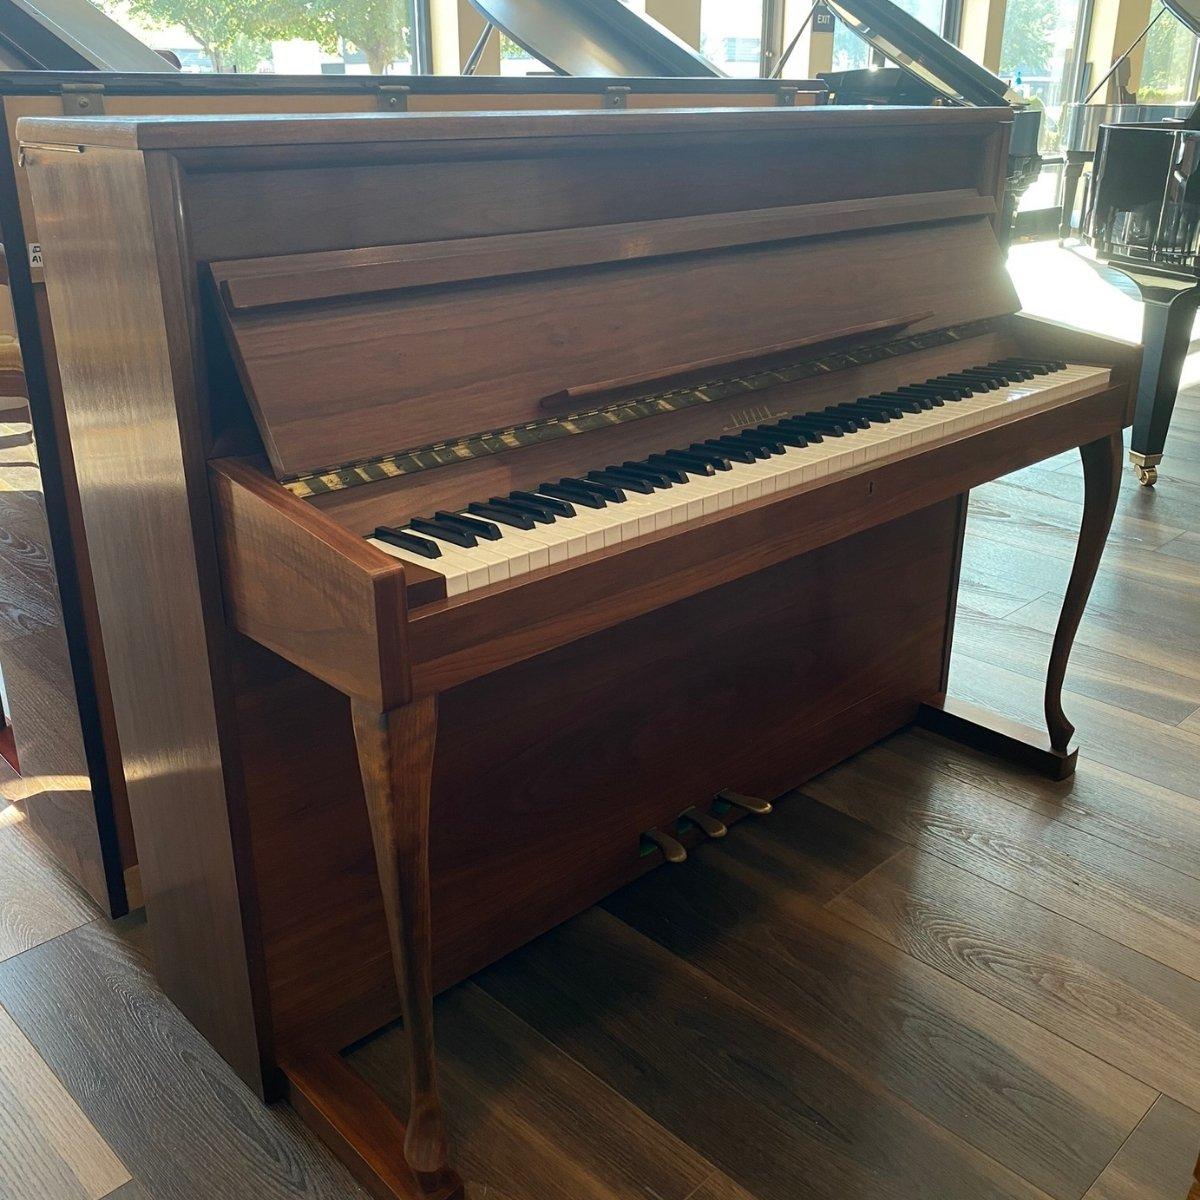 Rippen 42 Upright Piano